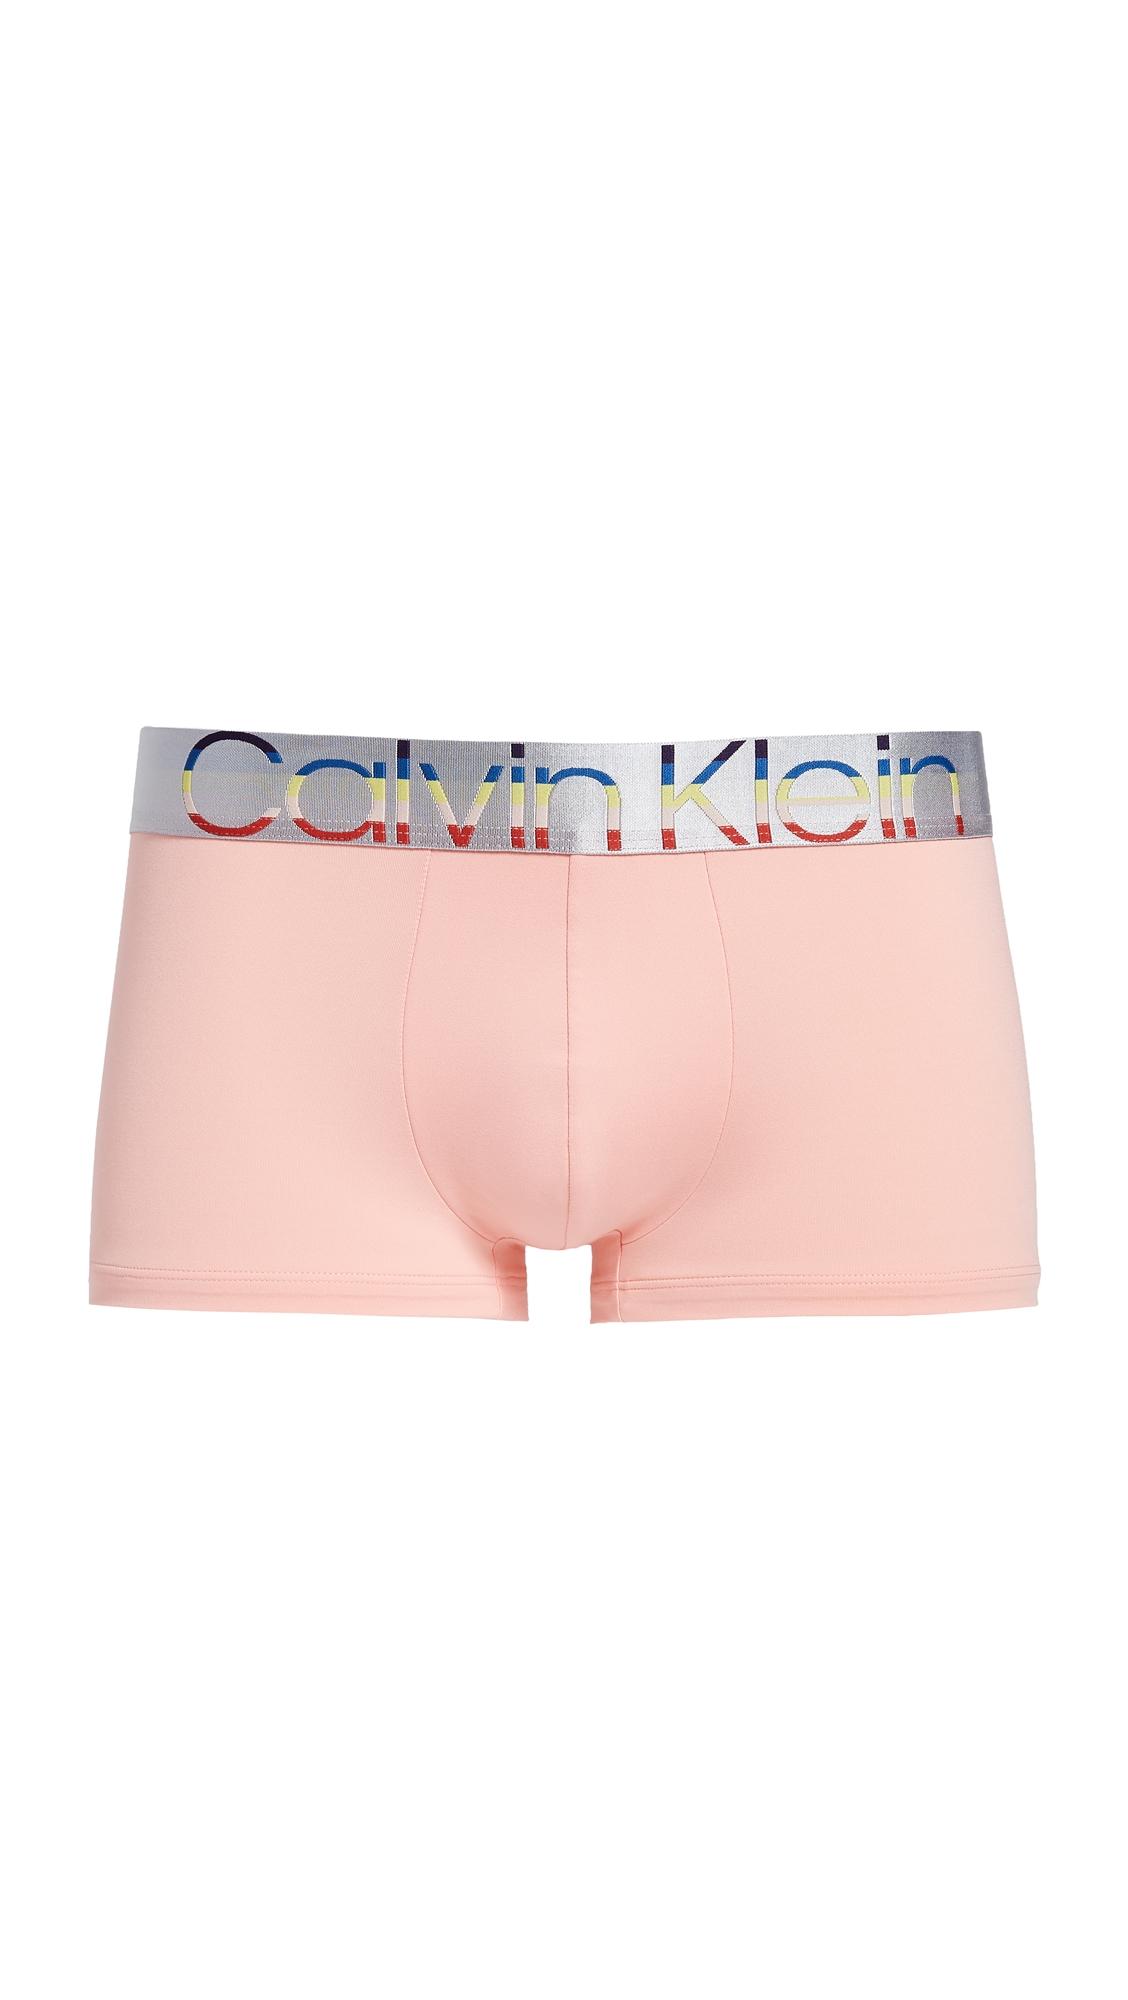 CALVIN KLEIN | Calvin Klein Underwear Low Rise Pride Trunks | Goxip